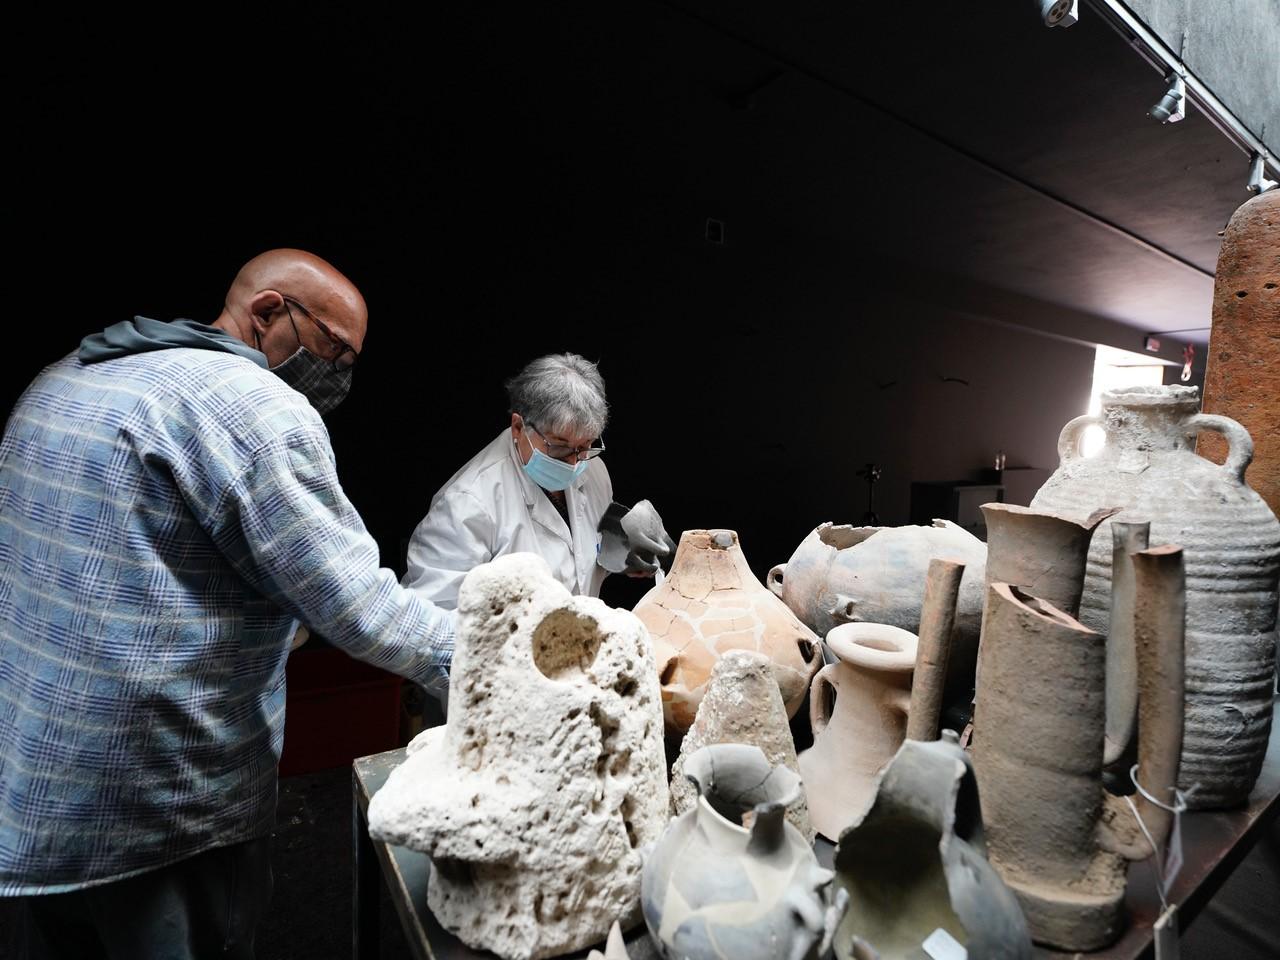 sassari_museo-sanna_sulle-tracce-di-clemente_allestimento-mostra_reperti-archeologici_foto-drm-sardegna